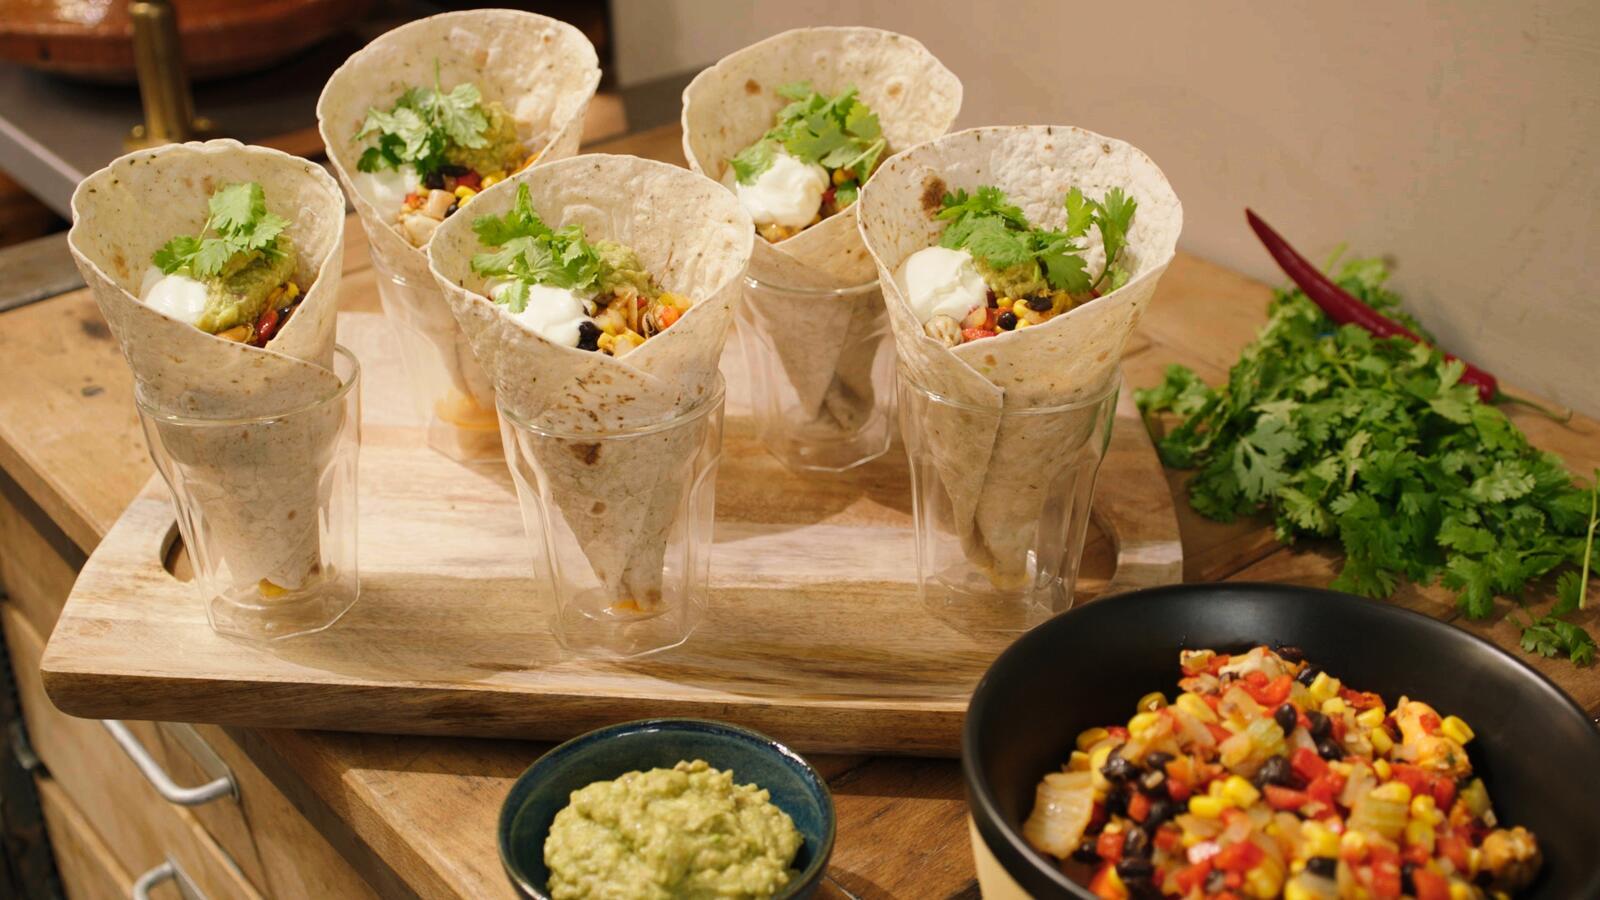 Een Mexicaanse salade met mosselen, uit het vuistje